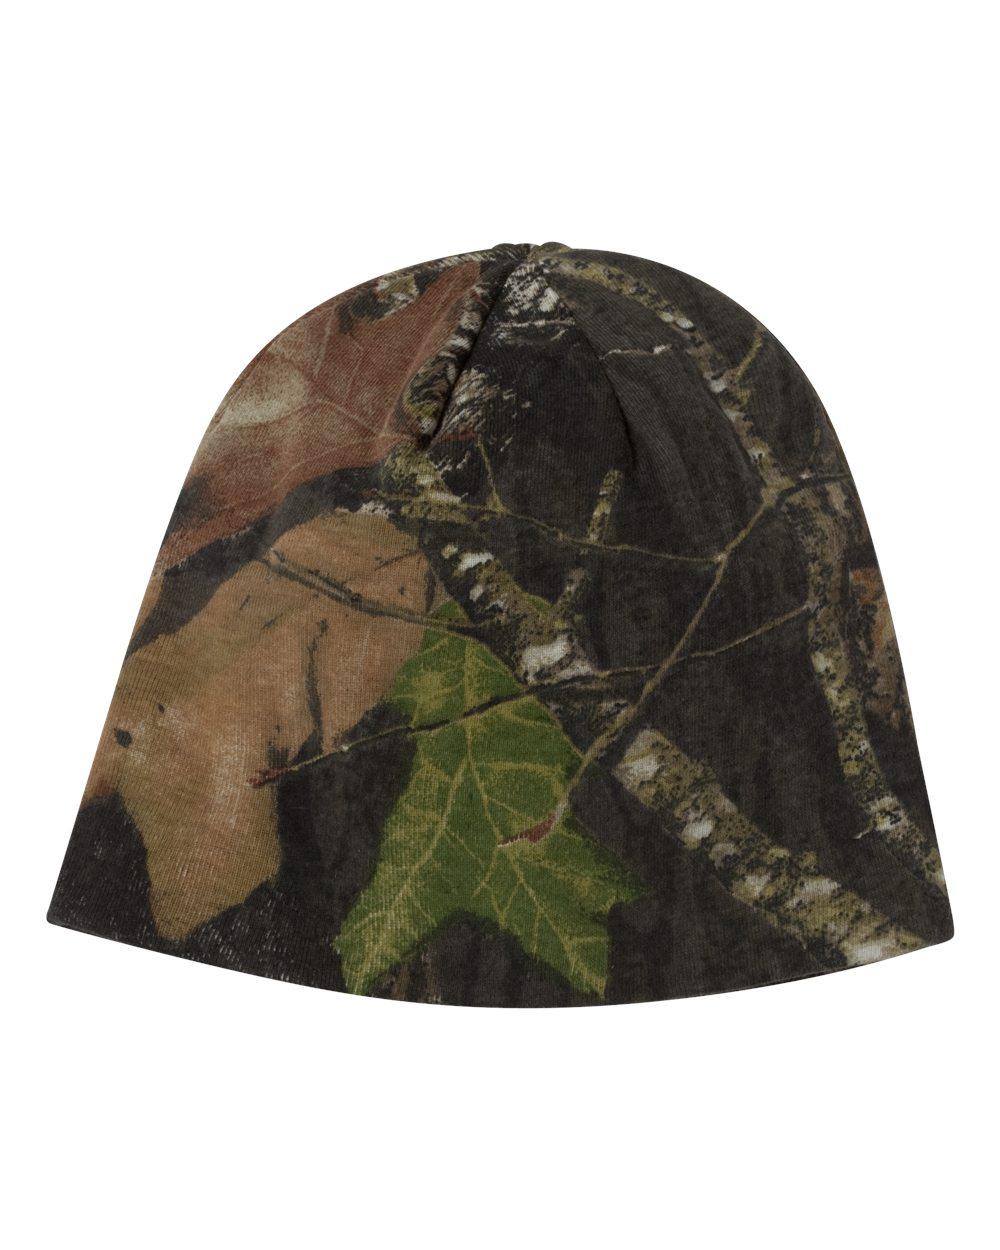 click to view Mossy Oak Break